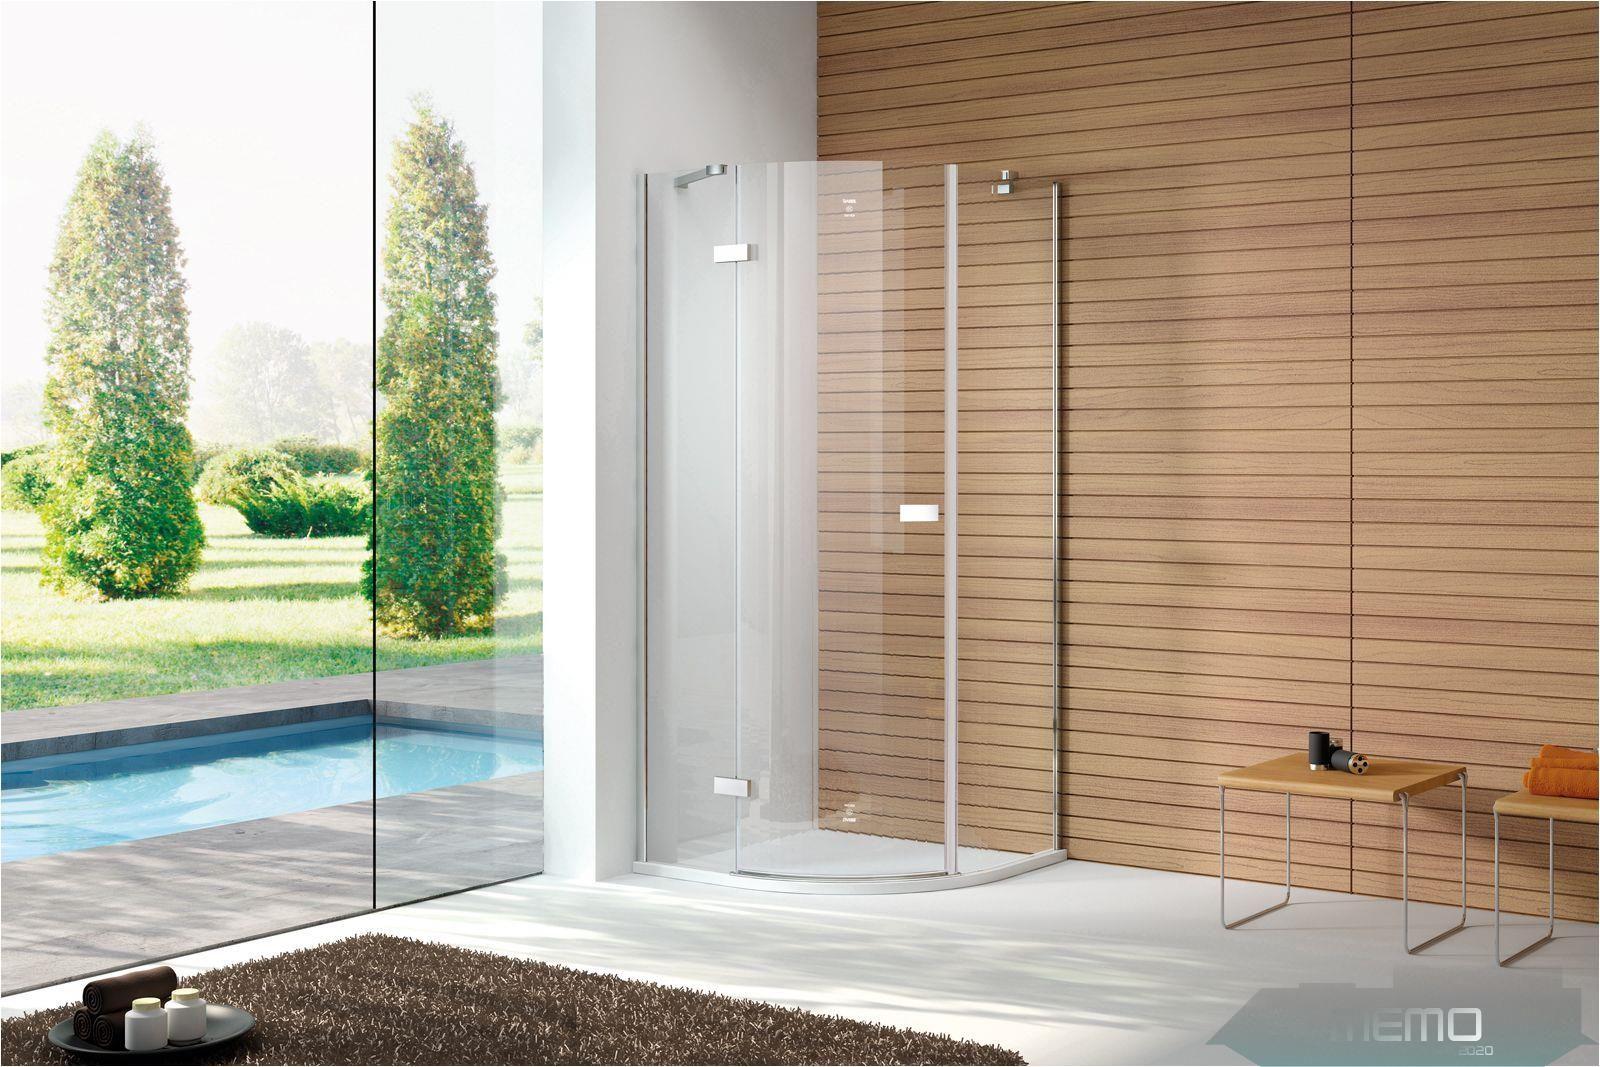 Jan 3 2018 Dabbl Offer Shower Door Pivot Hinge Replacement Parts Shower Door Hinge Replacement Framed Shower Door Hinge Replacement Shower Door Pivot Part In 2020